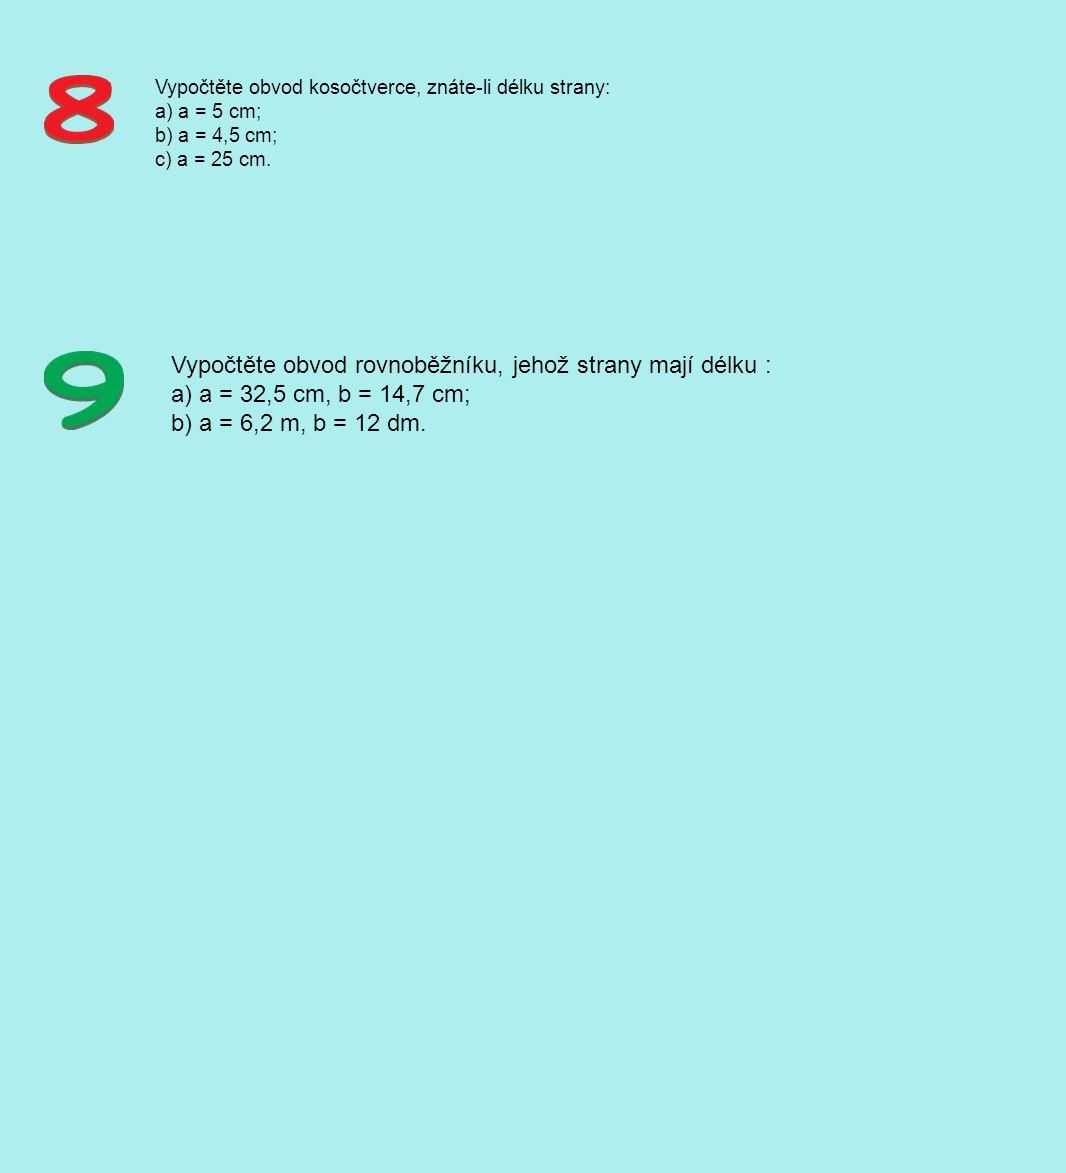 Vypočtěte obvod kosočtverce, znáte-li délku strany: a) a = 5 cm; b) a = 4,5 cm; c) a = 25 cm. Vypočtěte obvod rovnoběžníku, jehož strany mají délku :